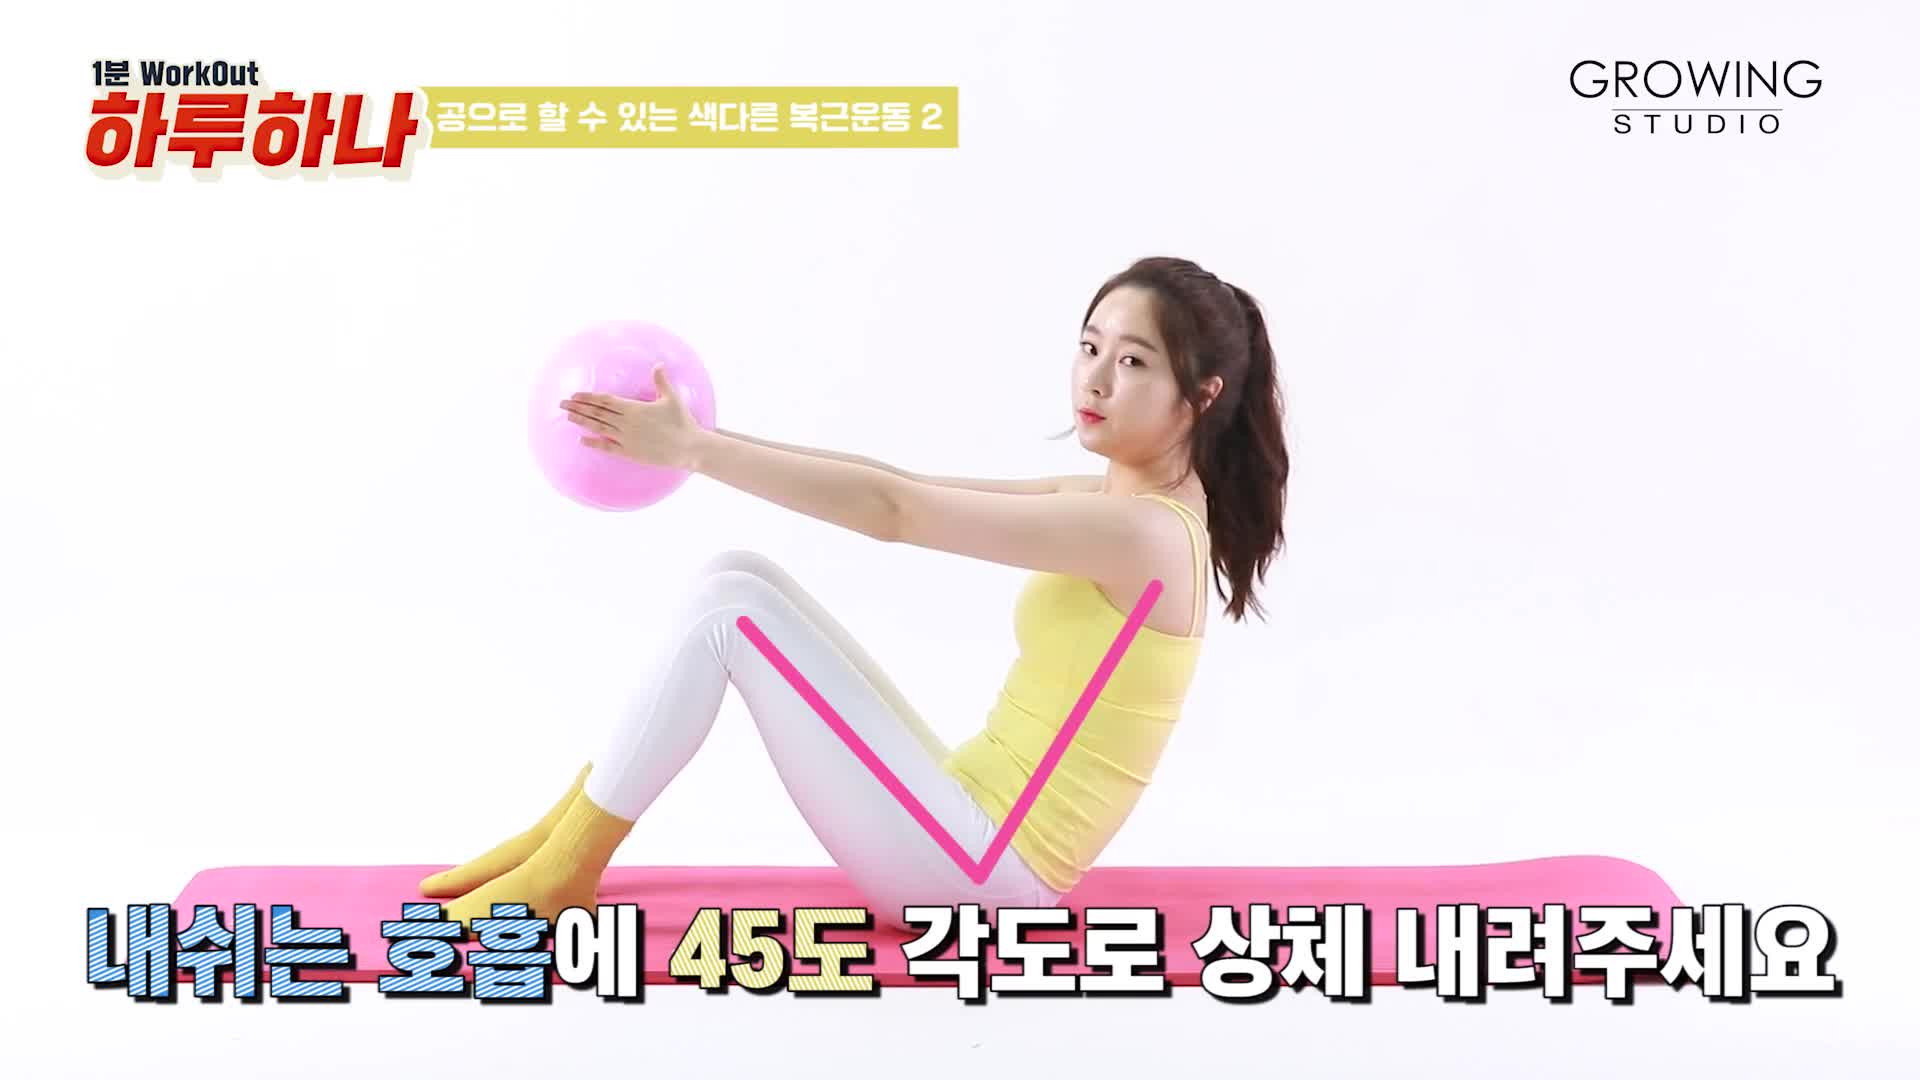 [1분팁] 공가져와! 뱃살빼러간닷! 공을 이용하여 자극 팍팍! 옆구리 복부 운동 - 하루하나